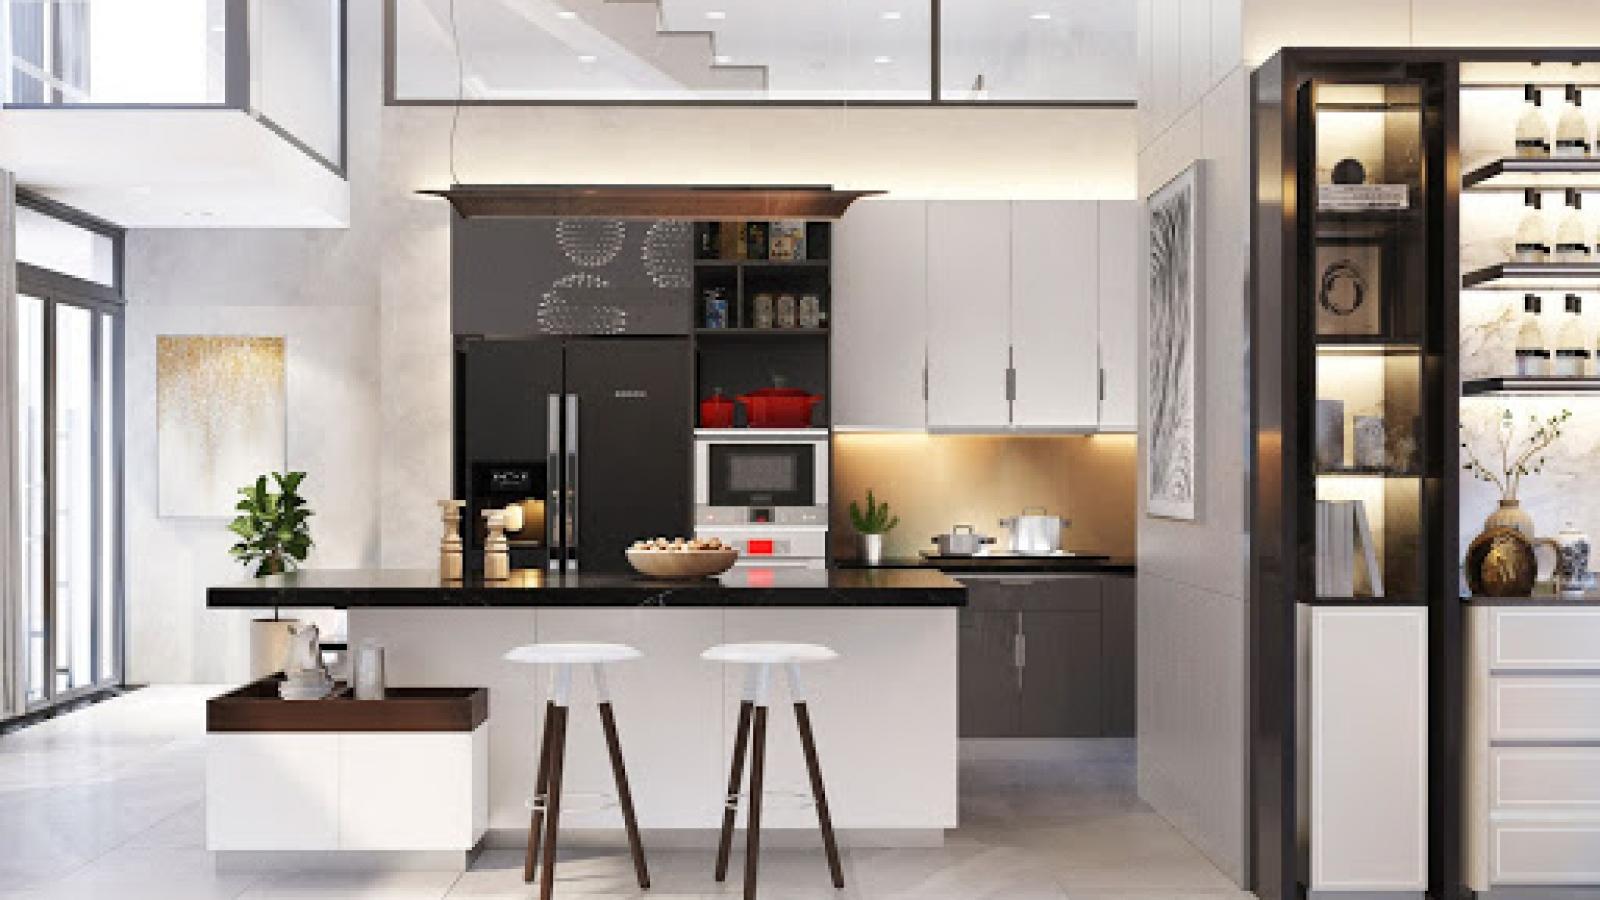 Những cách đơn giản mà hiệu quả giúp làm mới căn bếp